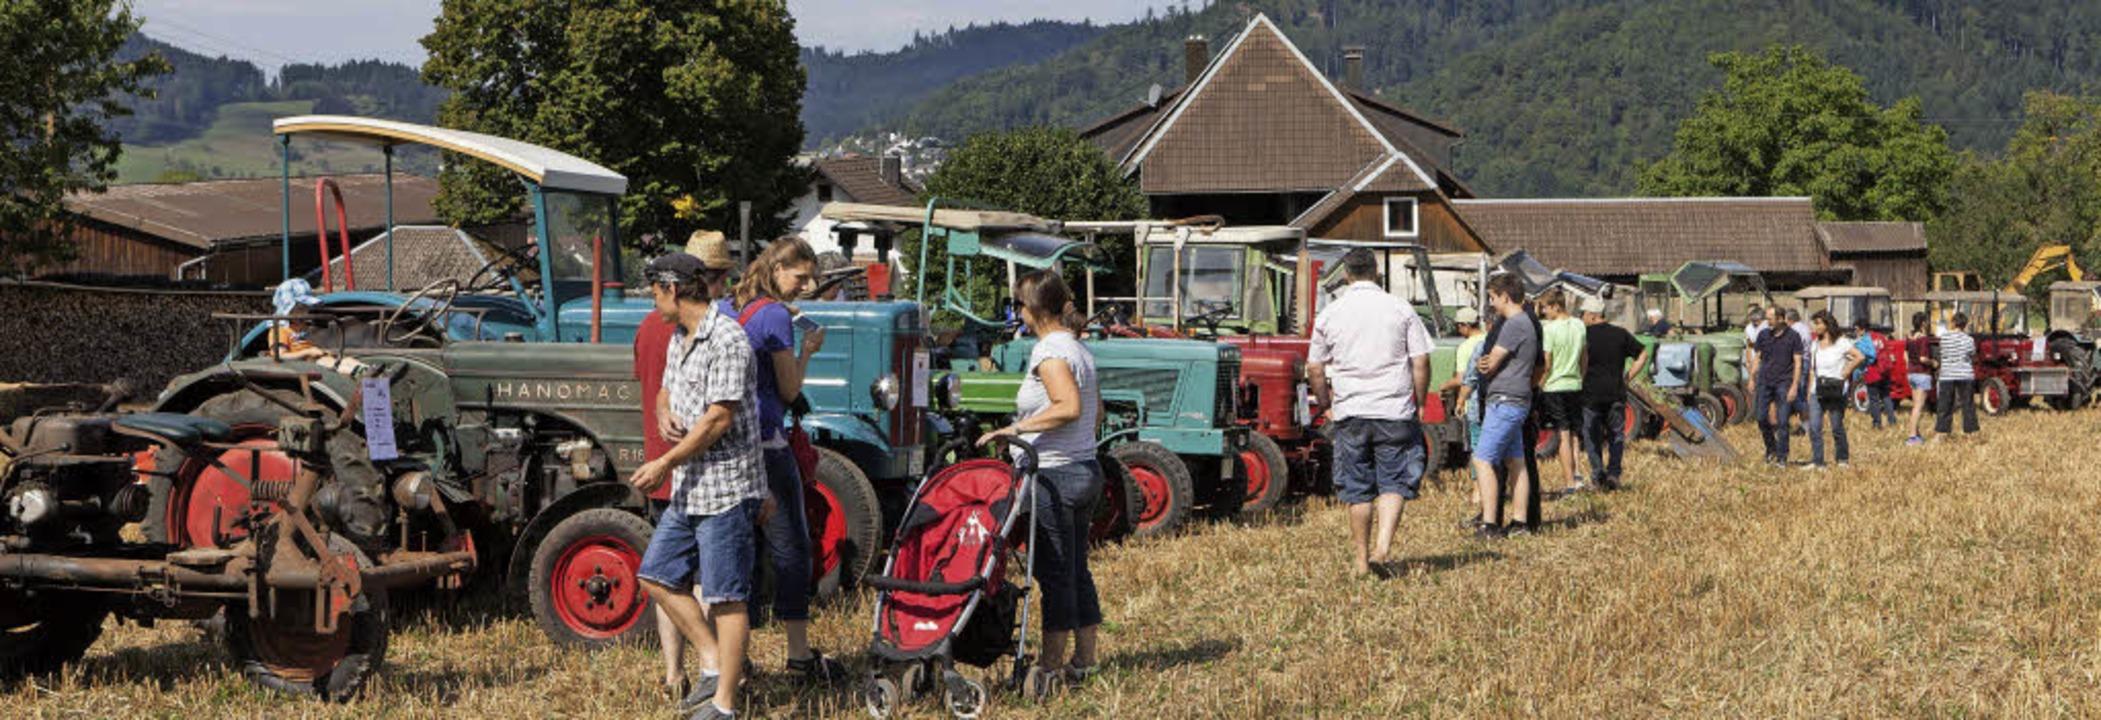 Fasziniert besichtigten zahlreiche Besucher die landwirtschaftliche Ausstellung.  | Foto: Gabriele Zahn